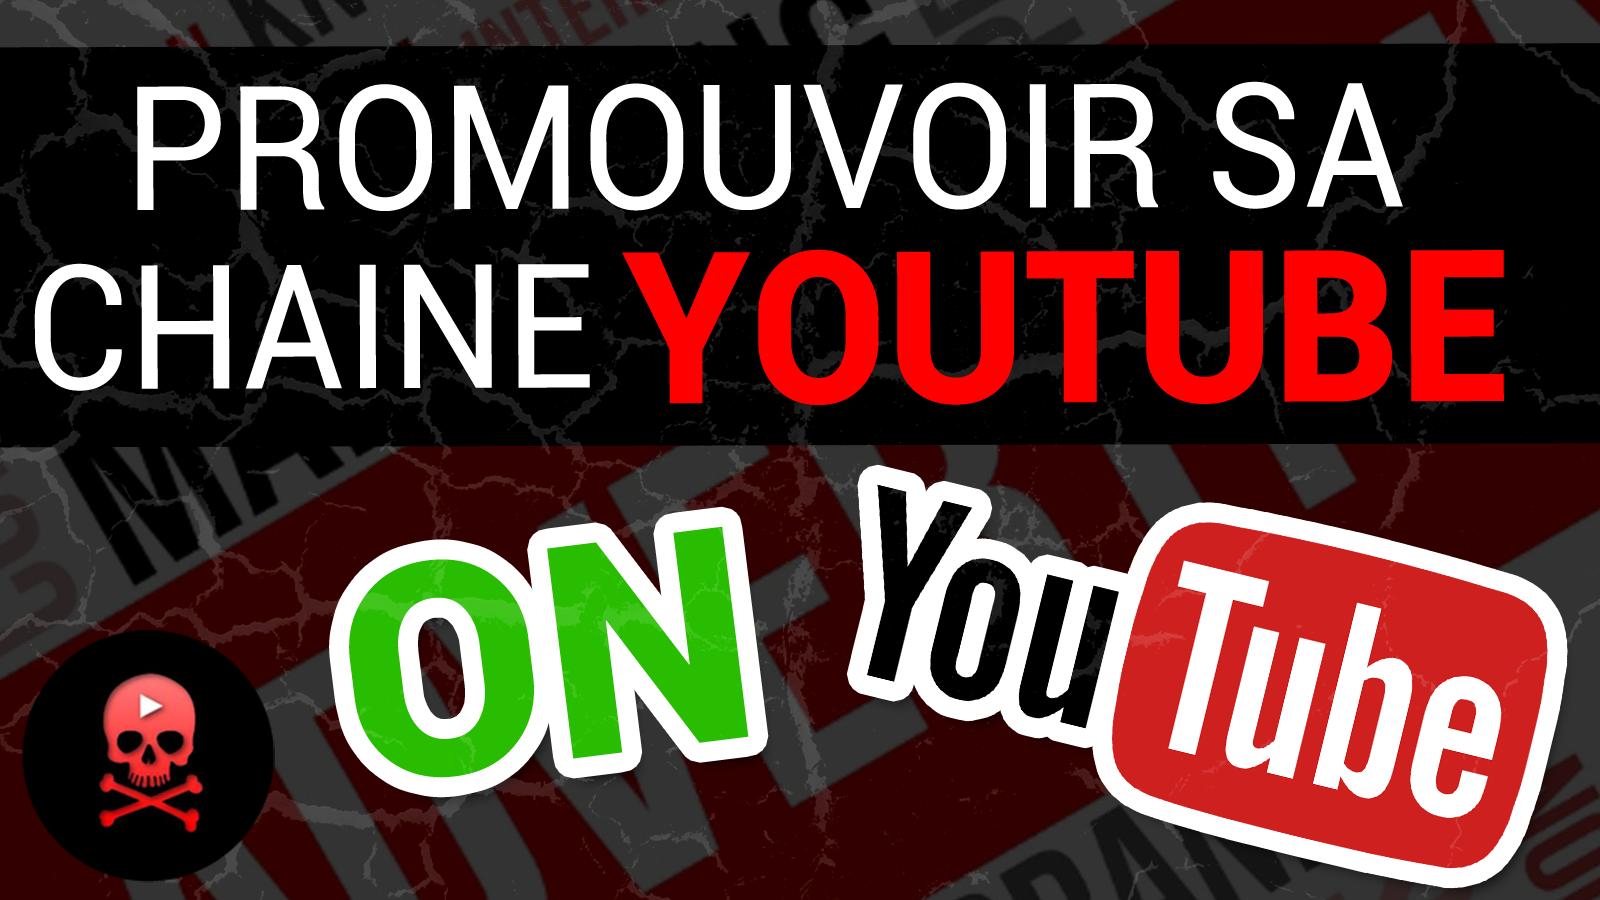 promouvoir sa chaîne Youtube sur Youtube